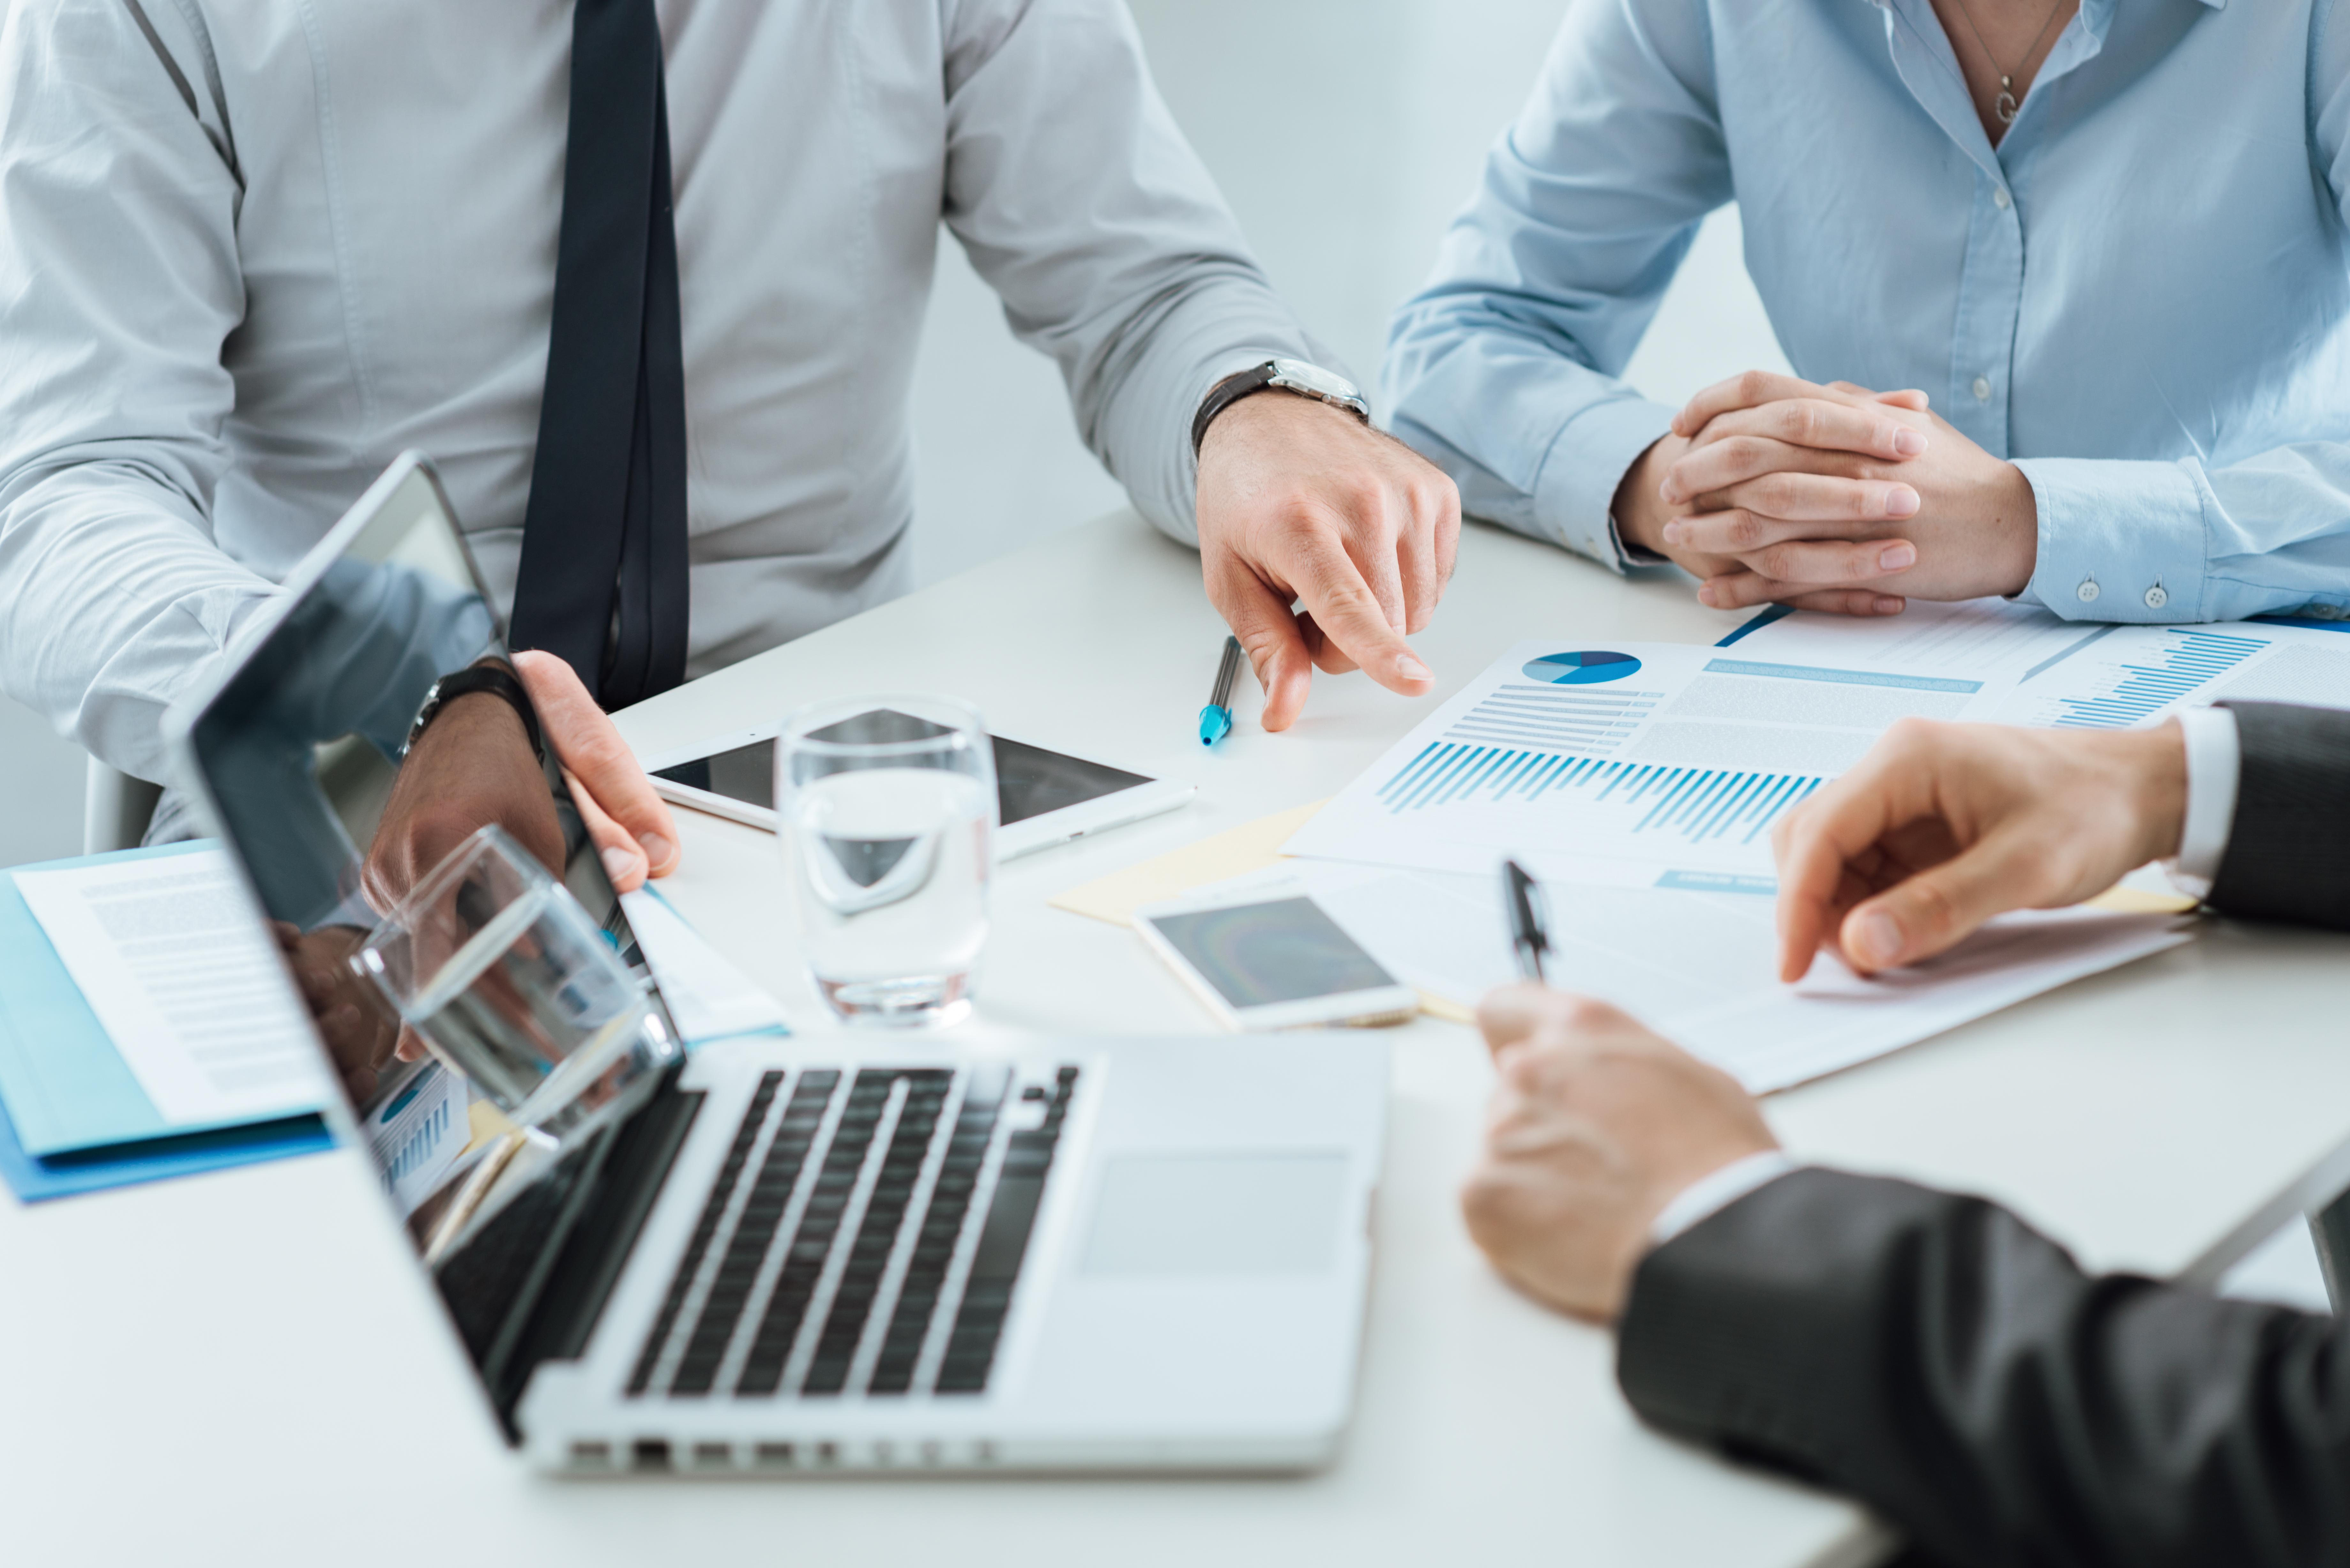 Титов: новых COVID-ограничений не переживет 70% бизнеса в РФ